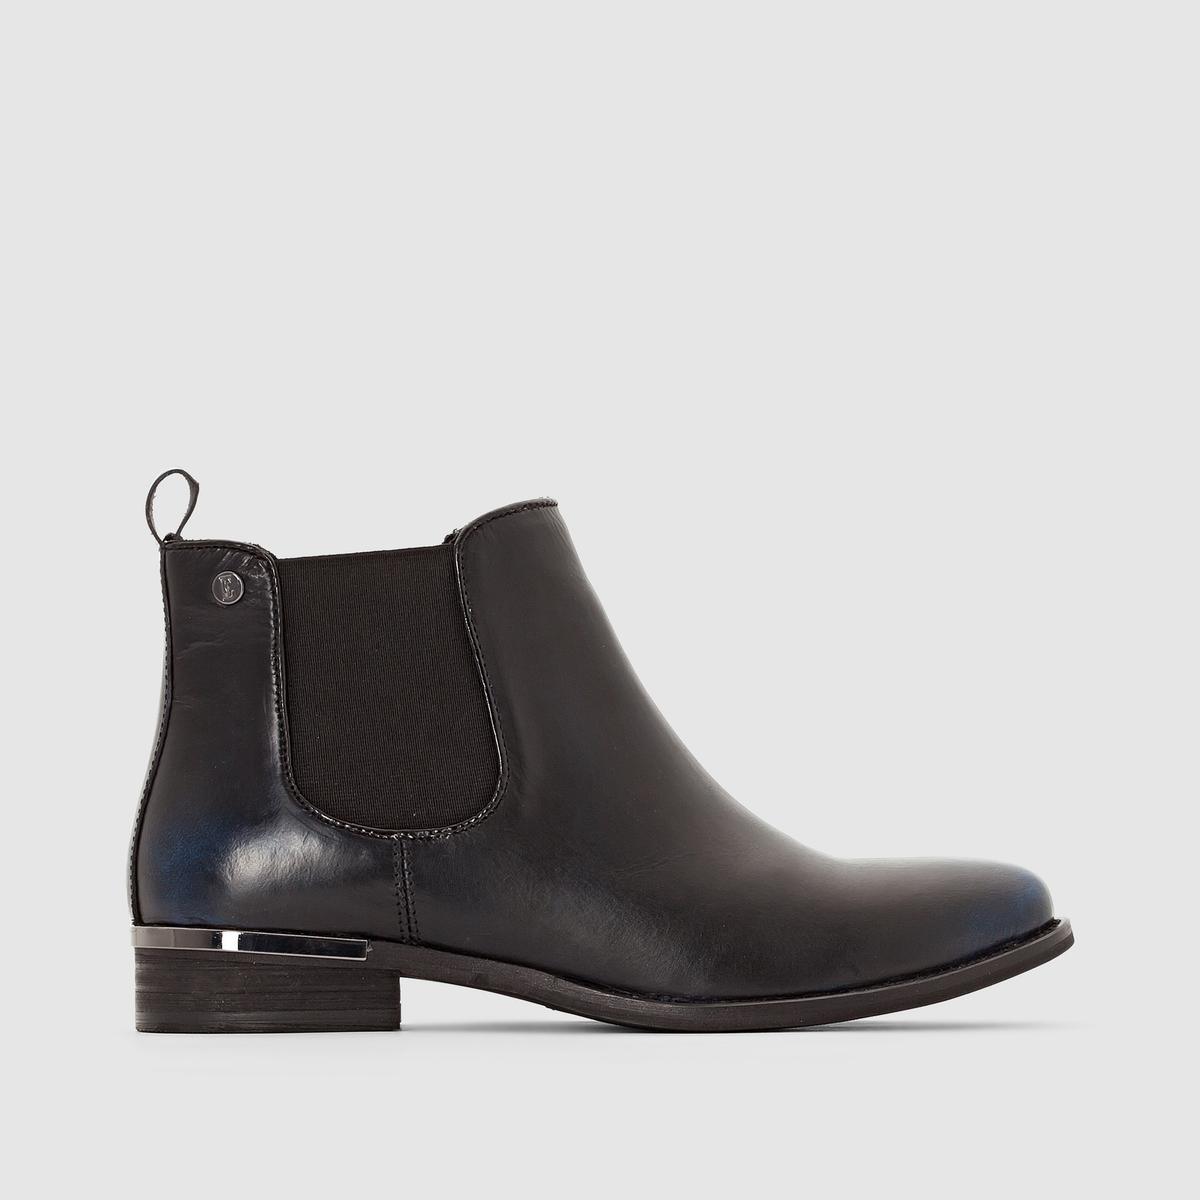 Ботинки кожаныеГладкая кожа отличного качества делает ботинки от Elle незаменимым аттрибутом этой зимы. Стильная деталь: оригинальные украшения из черного металла.<br><br>Цвет: черный